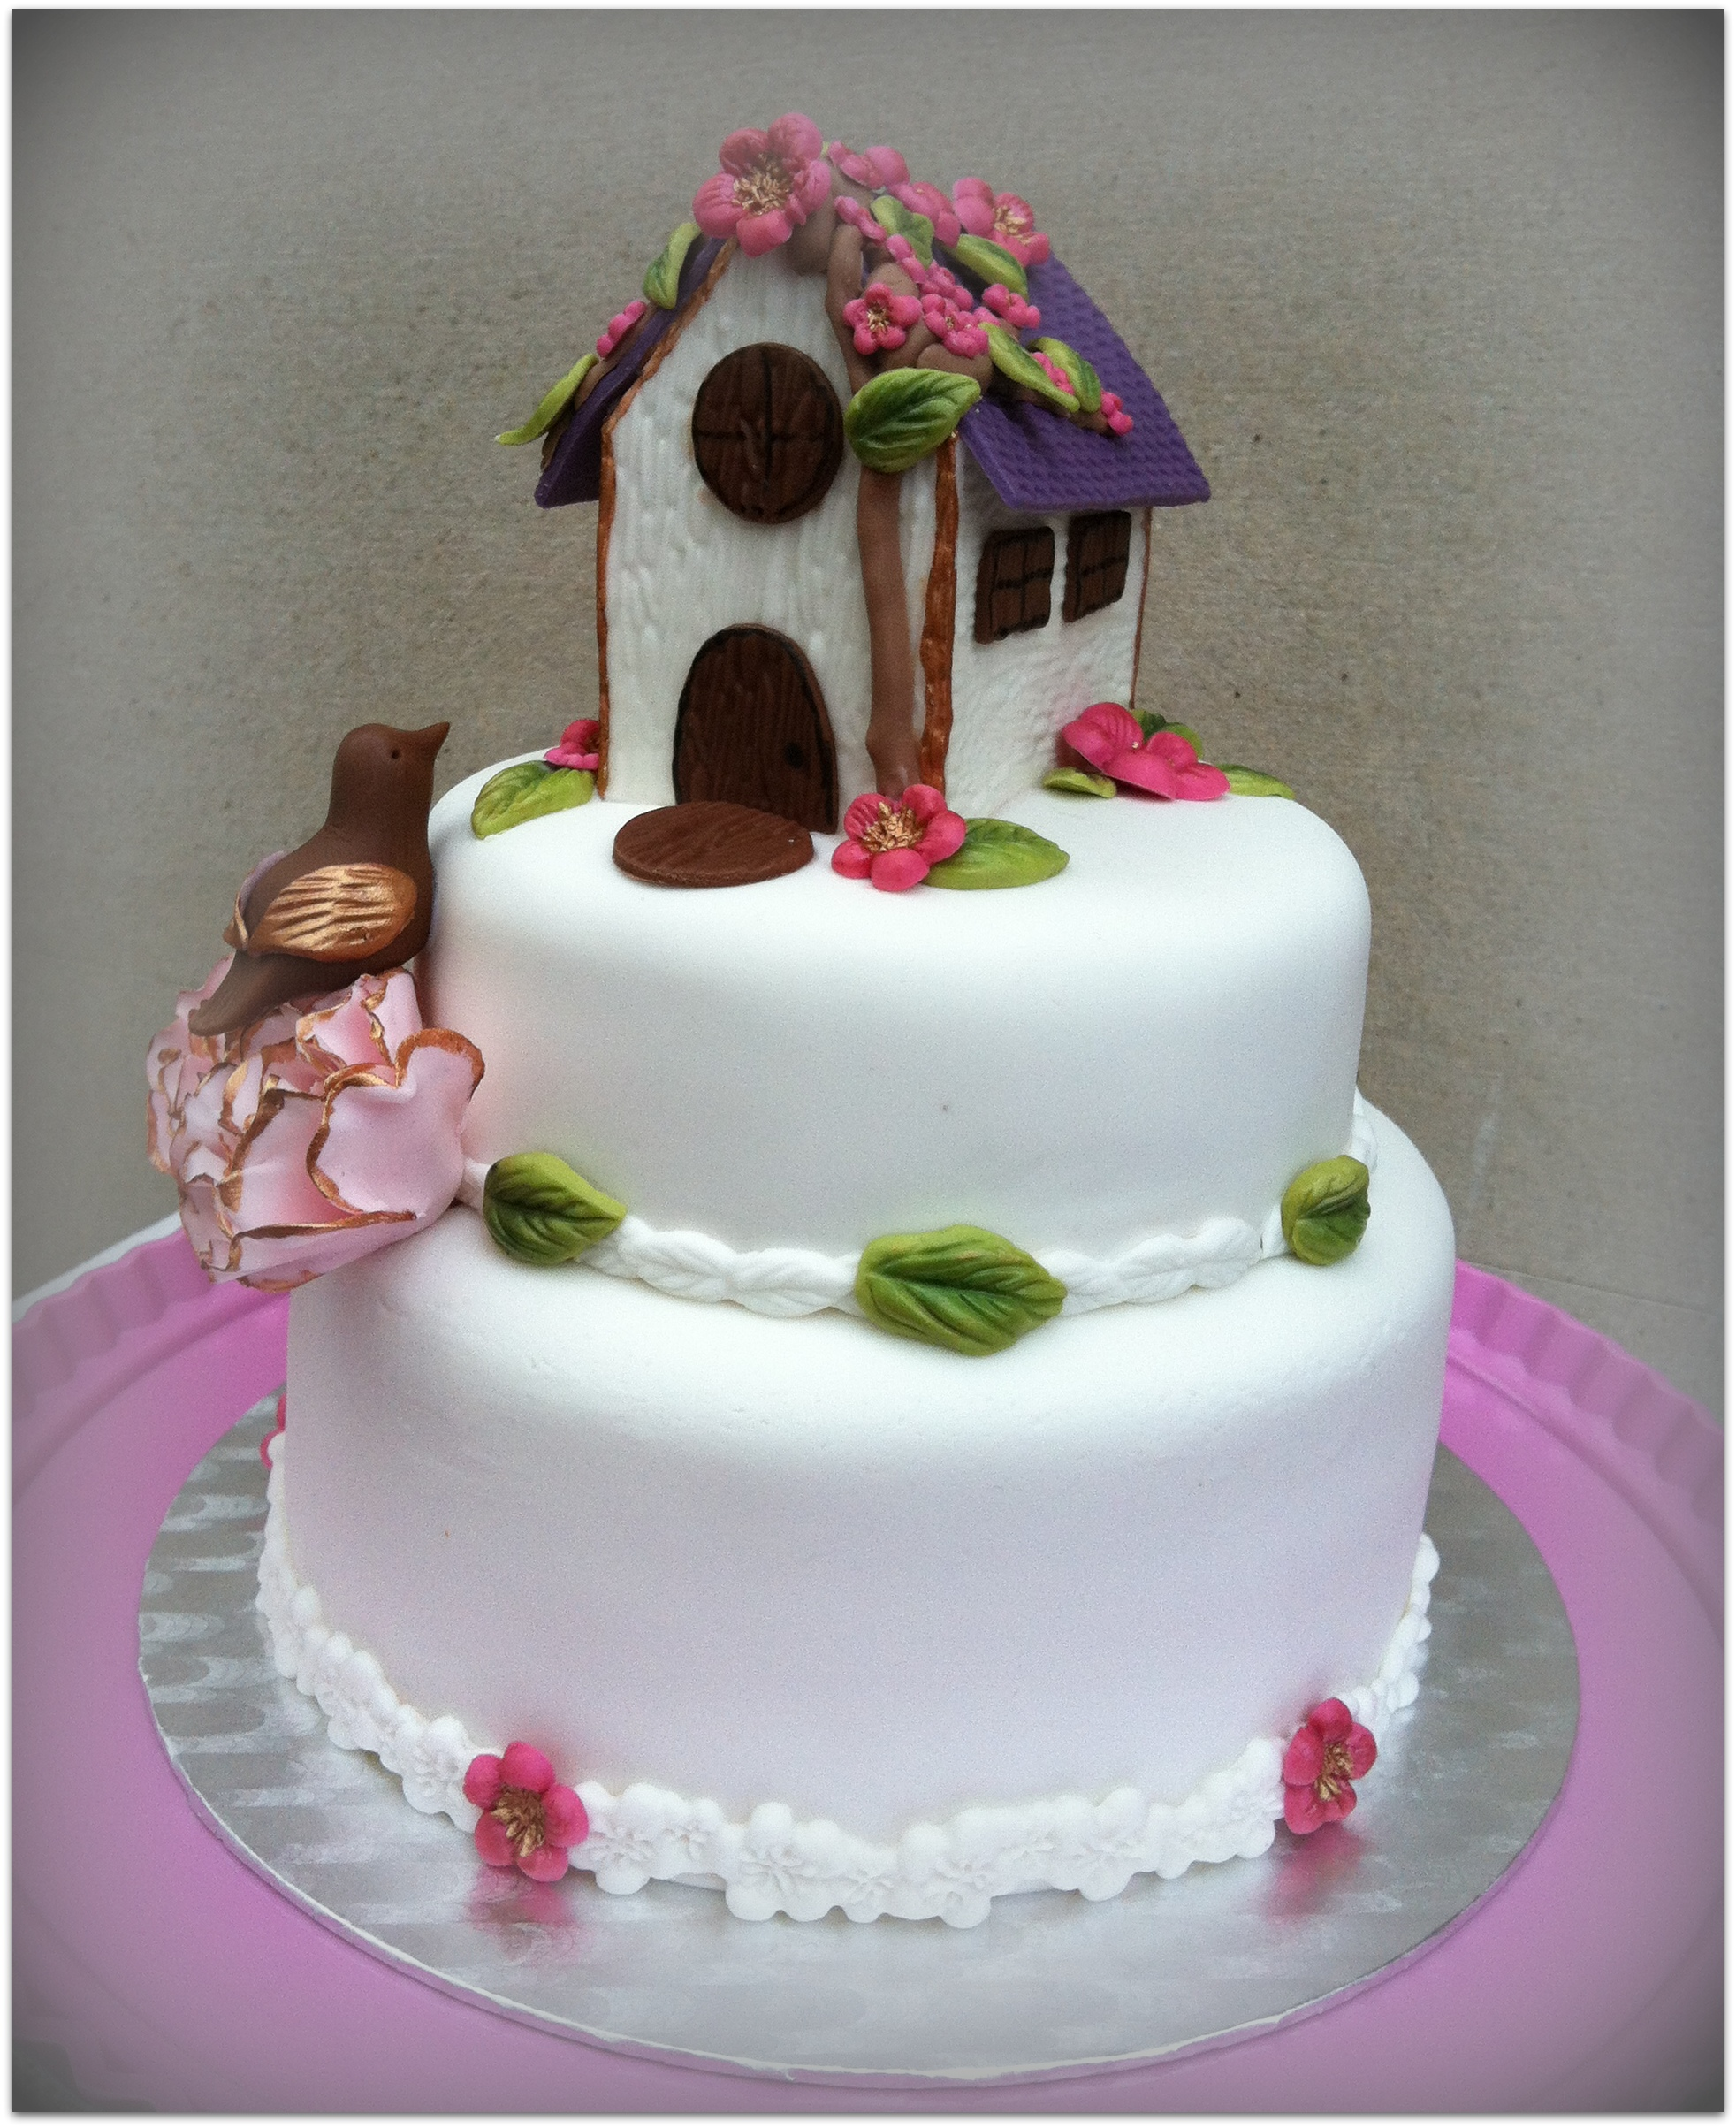 tarta fondant dos pisos con casa y flores   Repostería imaginativa